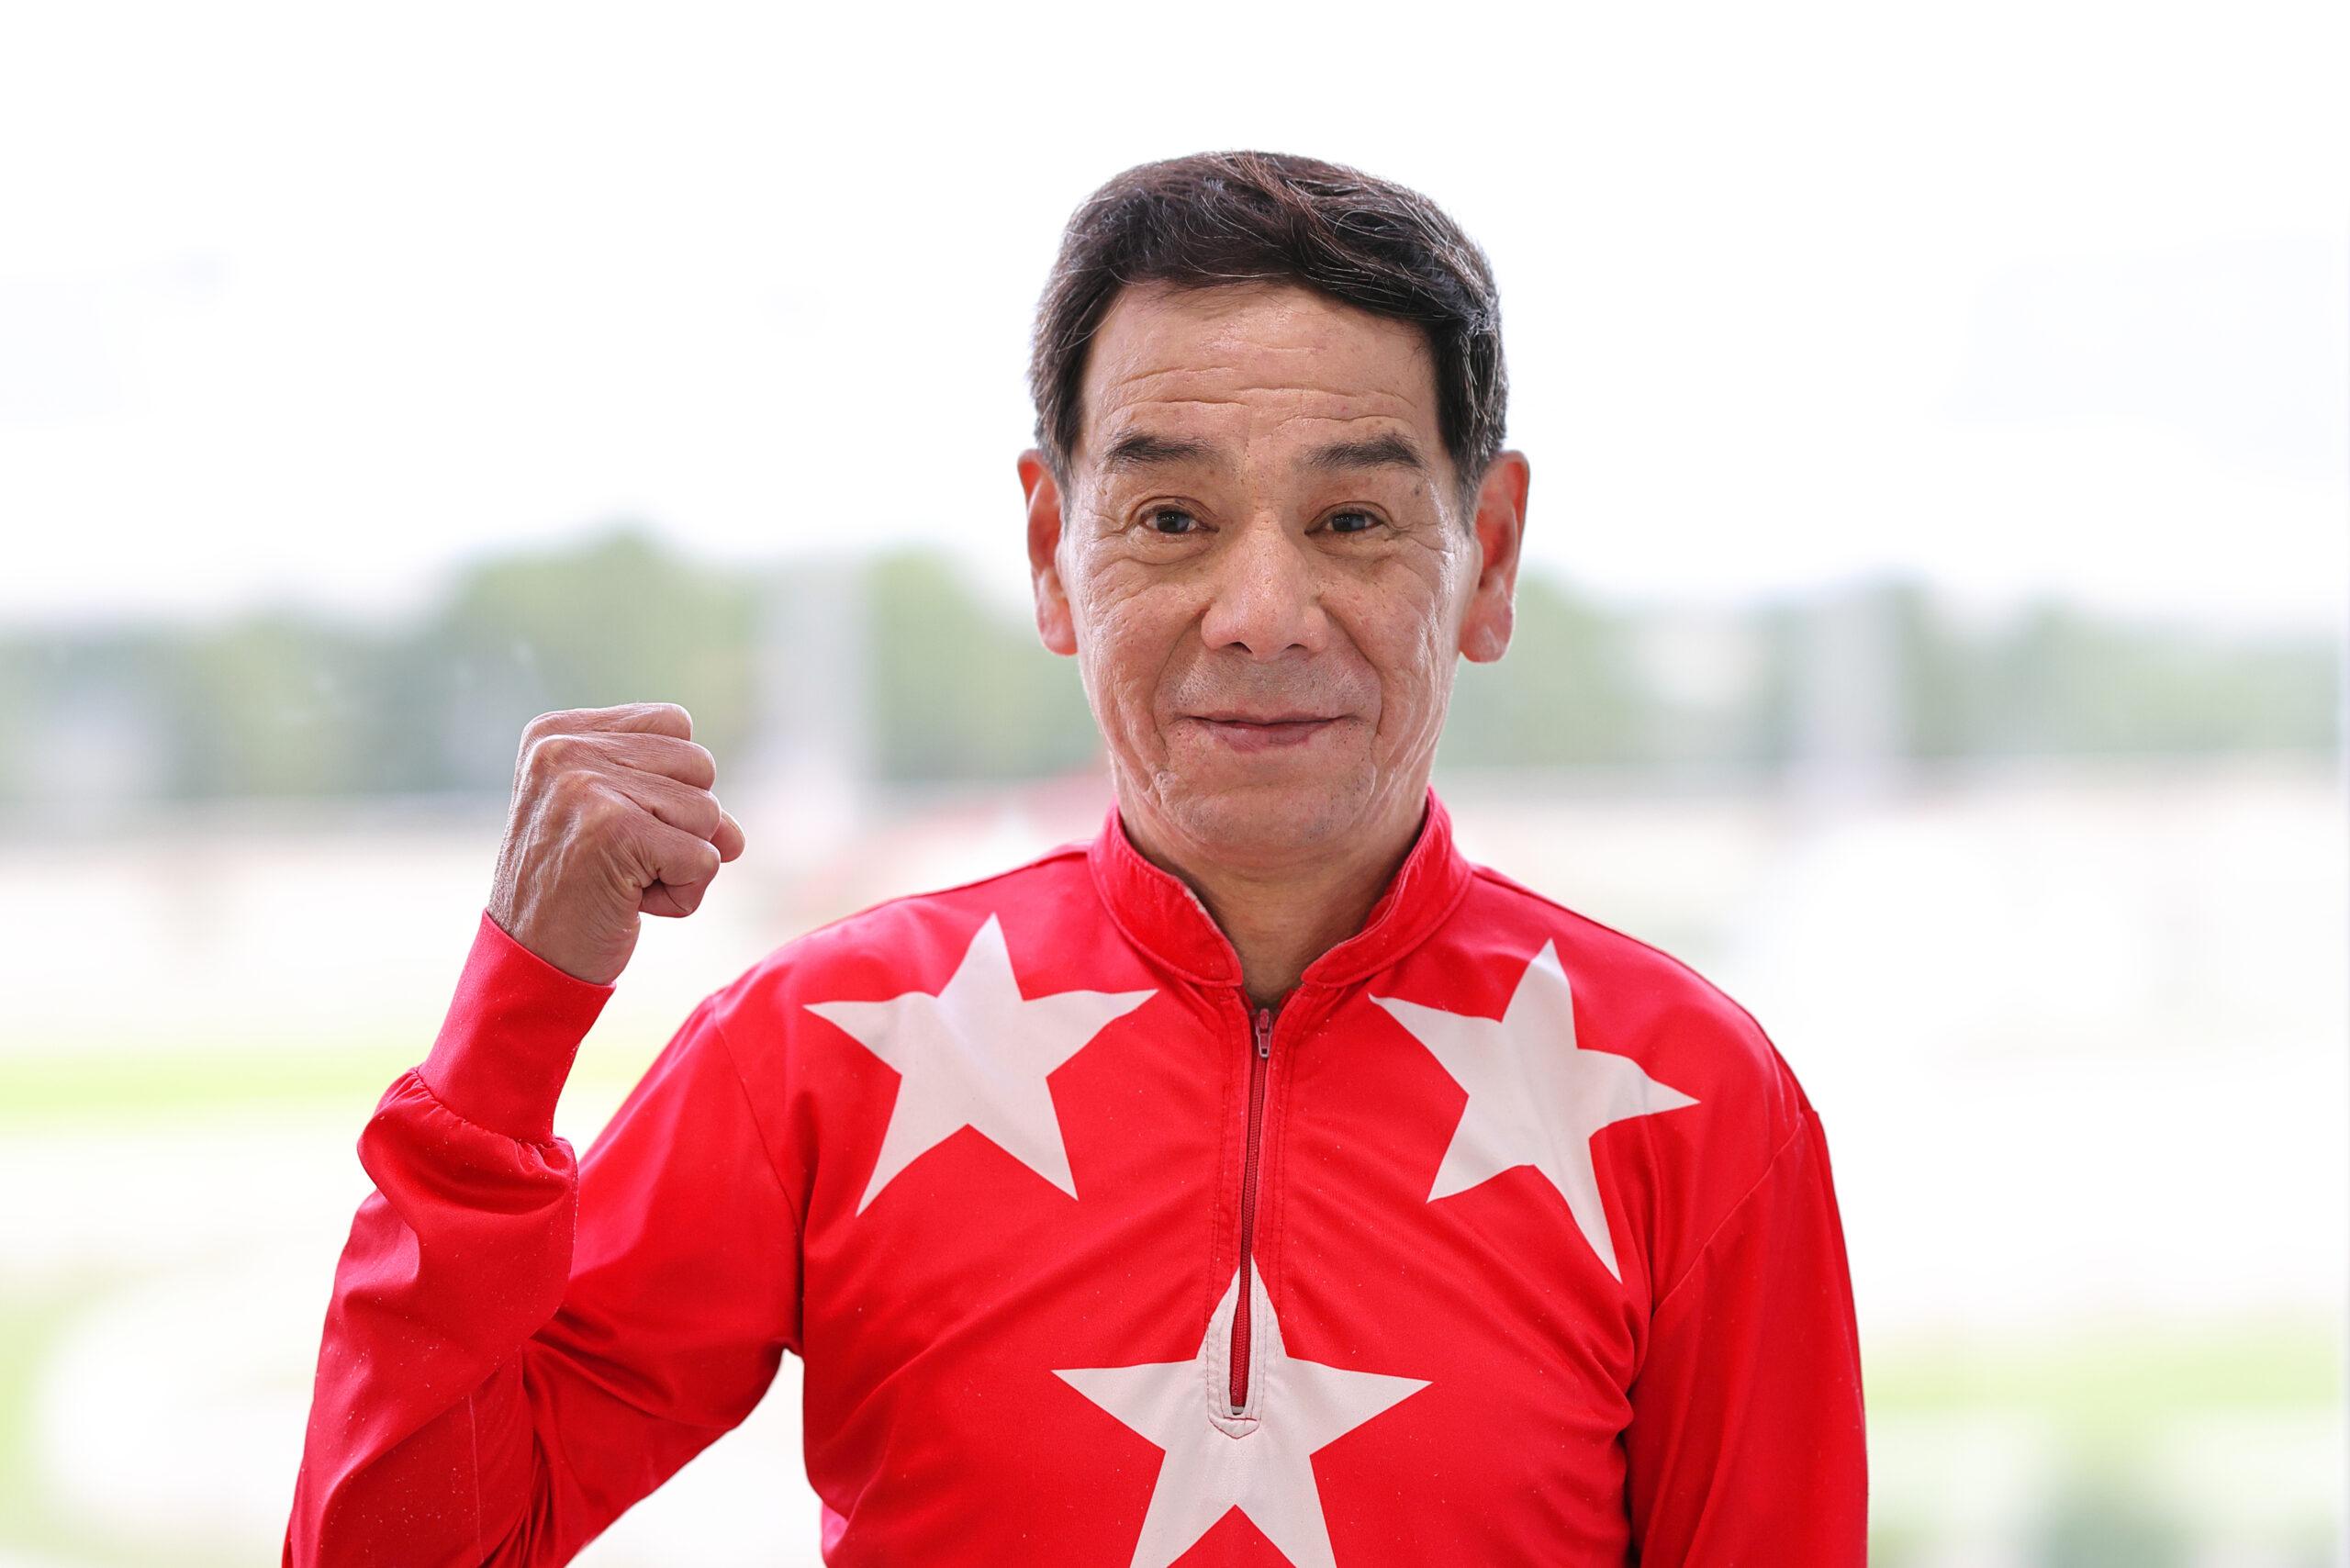 [インタビュー]的場騎手「種牡馬としても活躍出来たはずだった……」。名手が惜しんだ、悲運の中央馬。